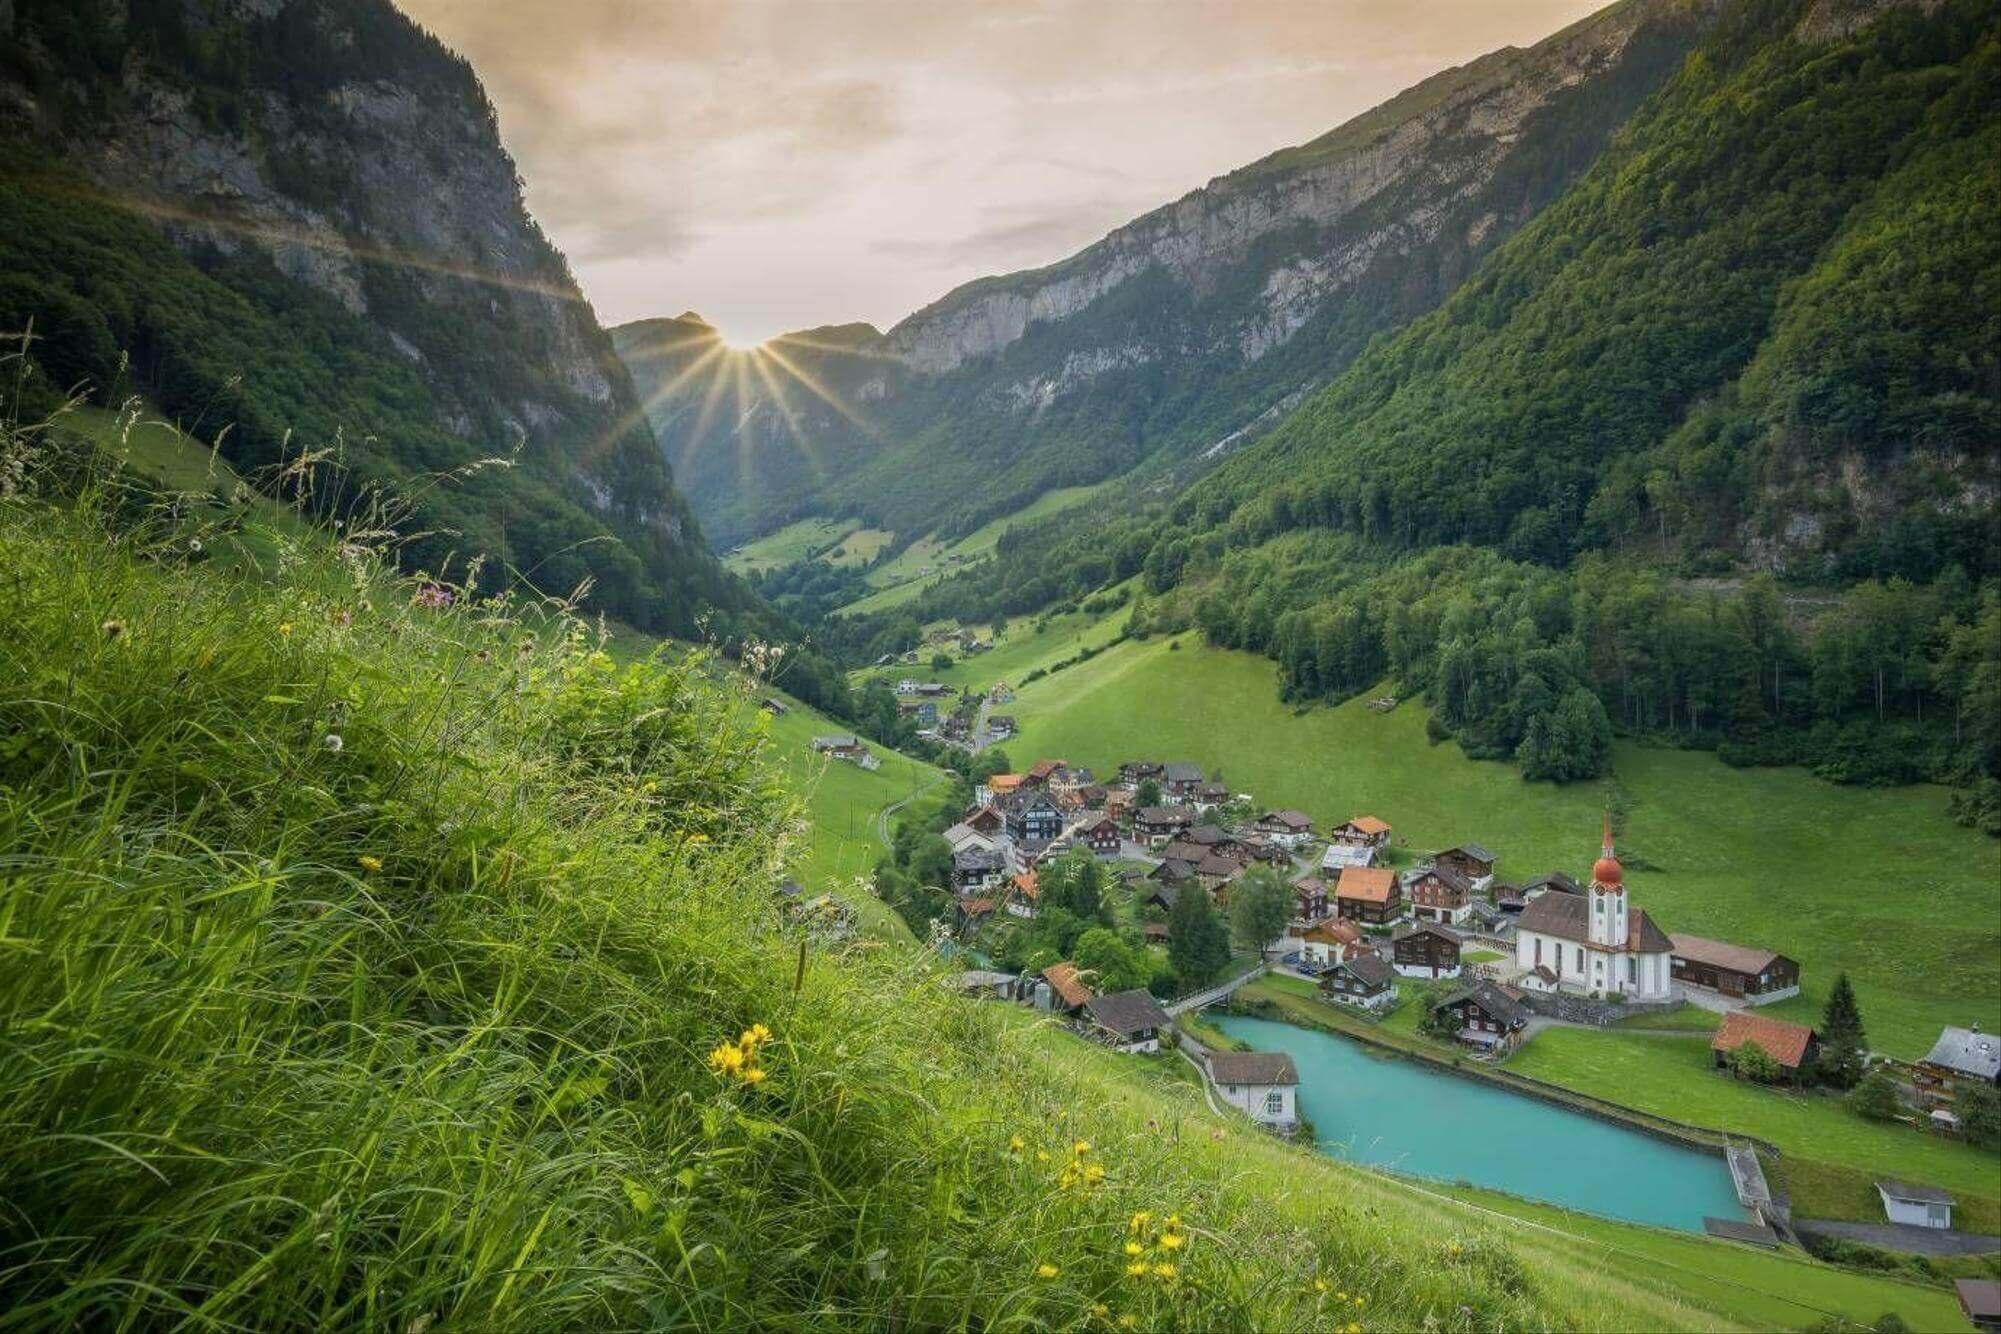 Le village d'Isenthal, en Suisse centrale, est un leader en matière de chauffage renouvelable. Isenthal.ch/Andre Indergand